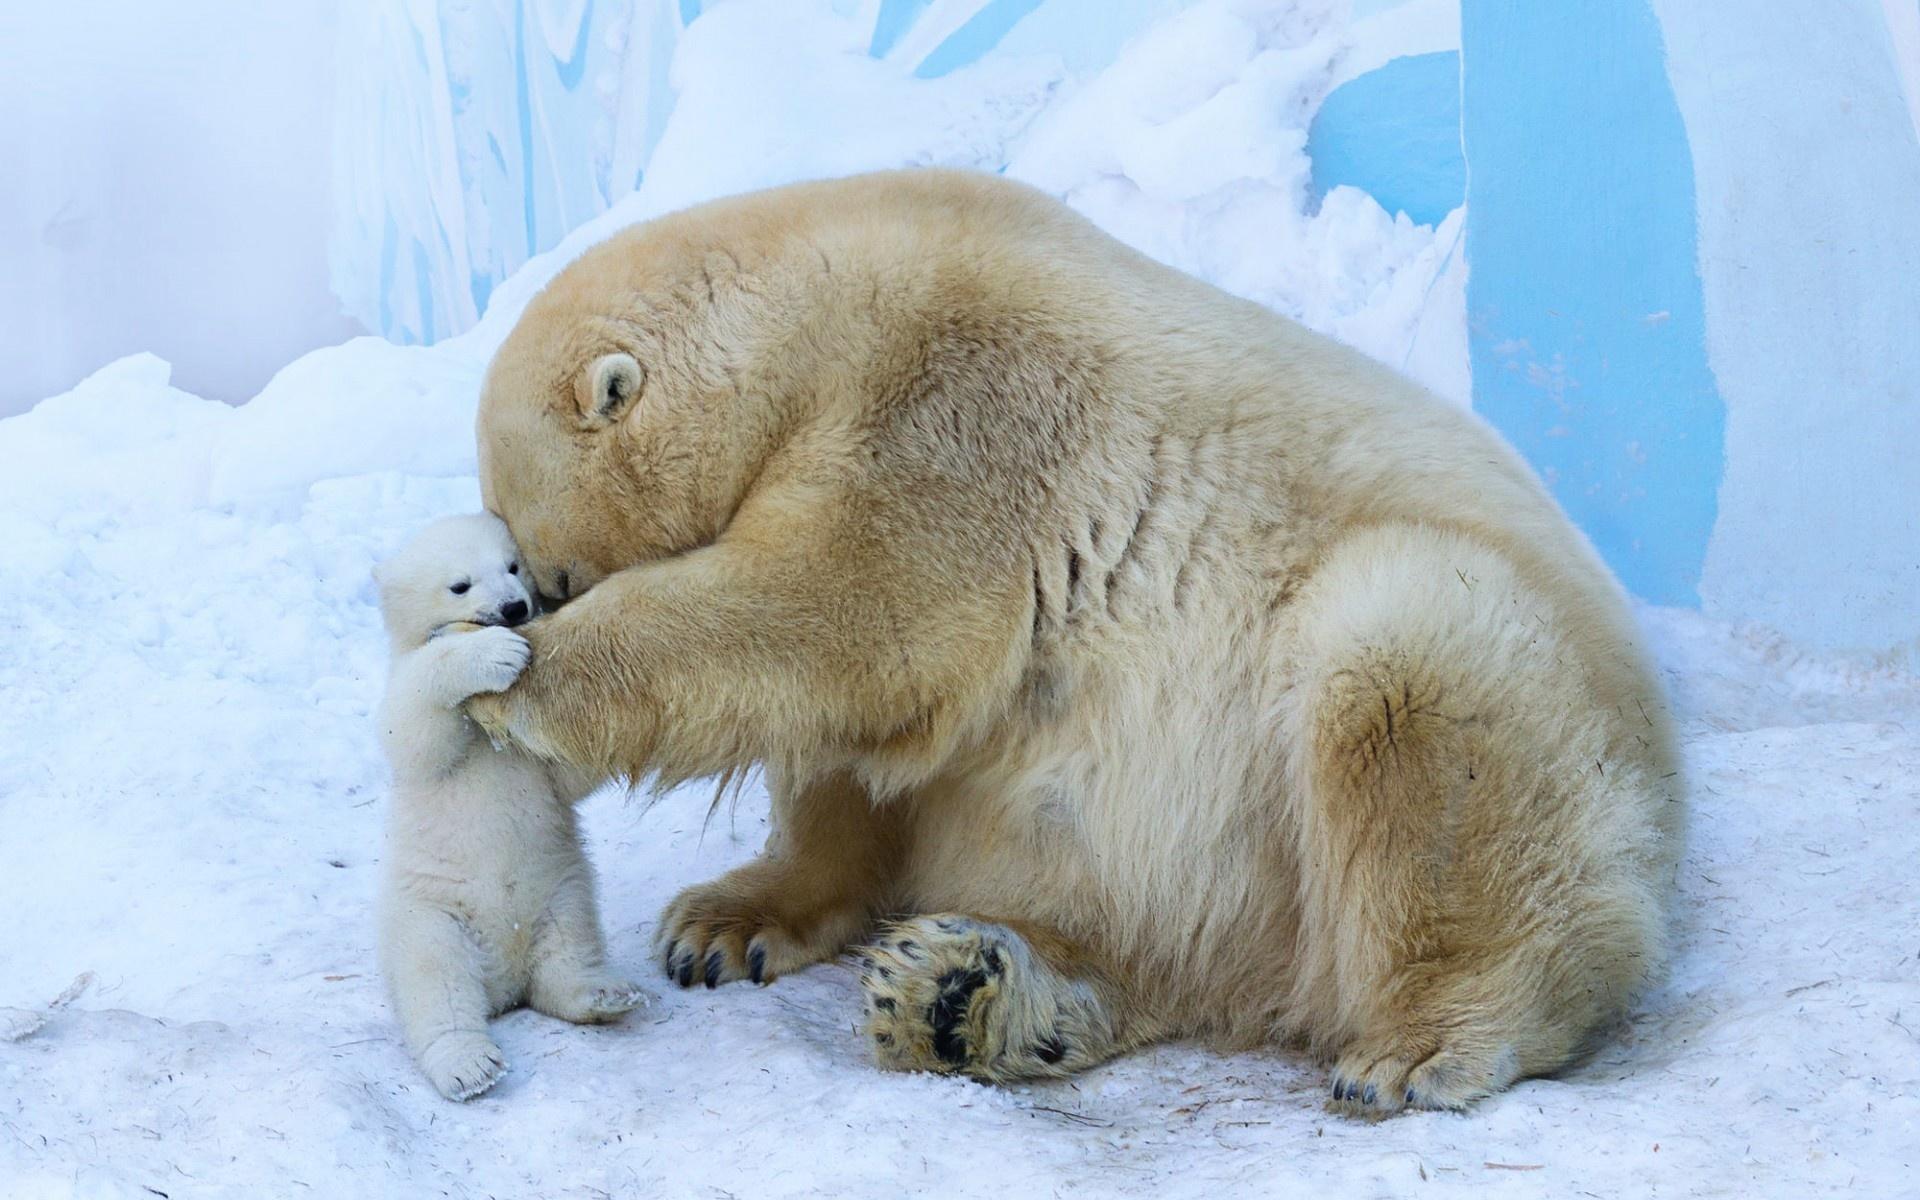 ванну, установить я люблю белых медведей процентов делаете